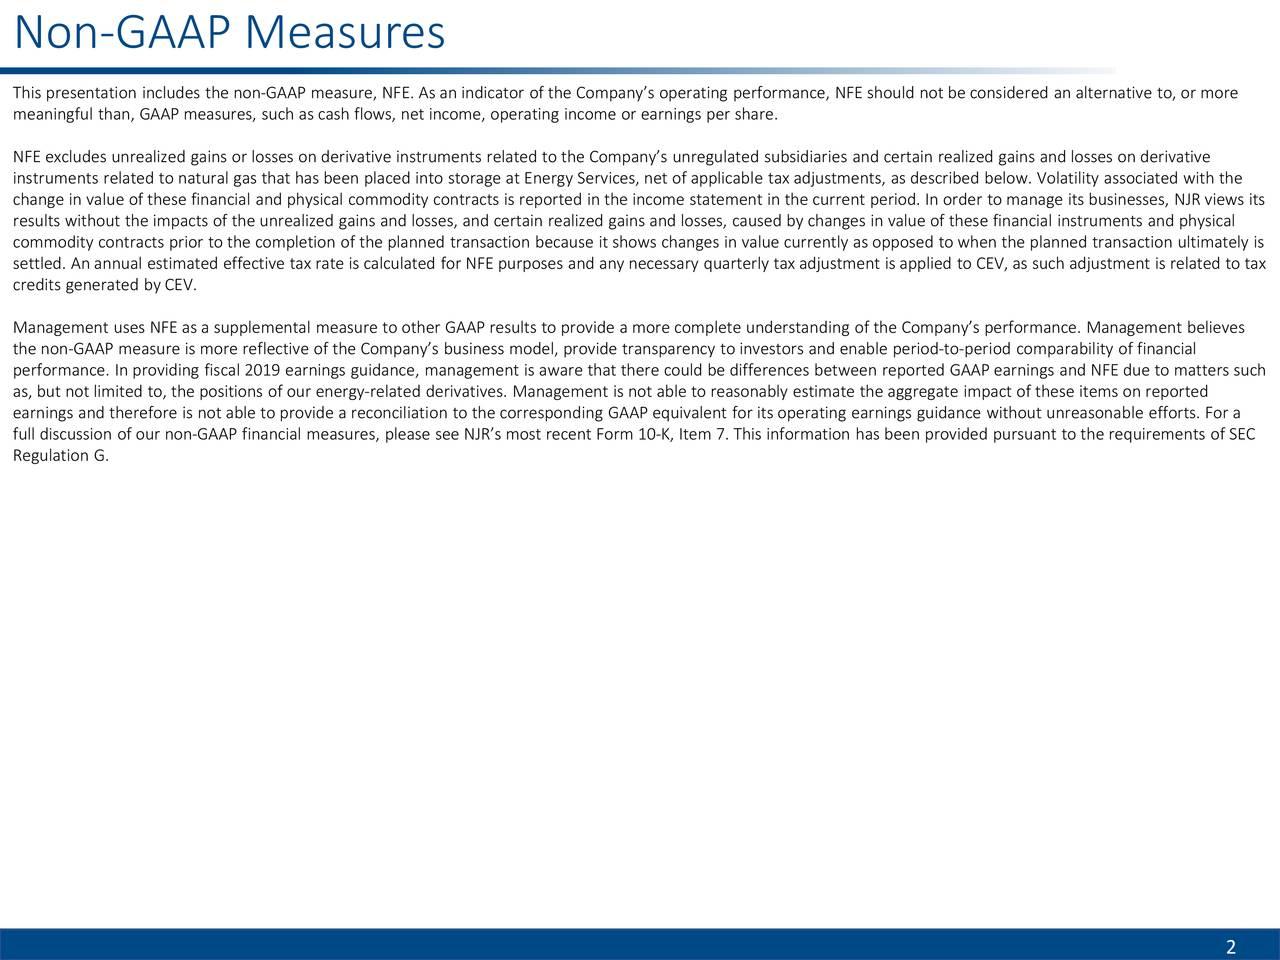 Non-GAAP Measures                                                                                                                                    2